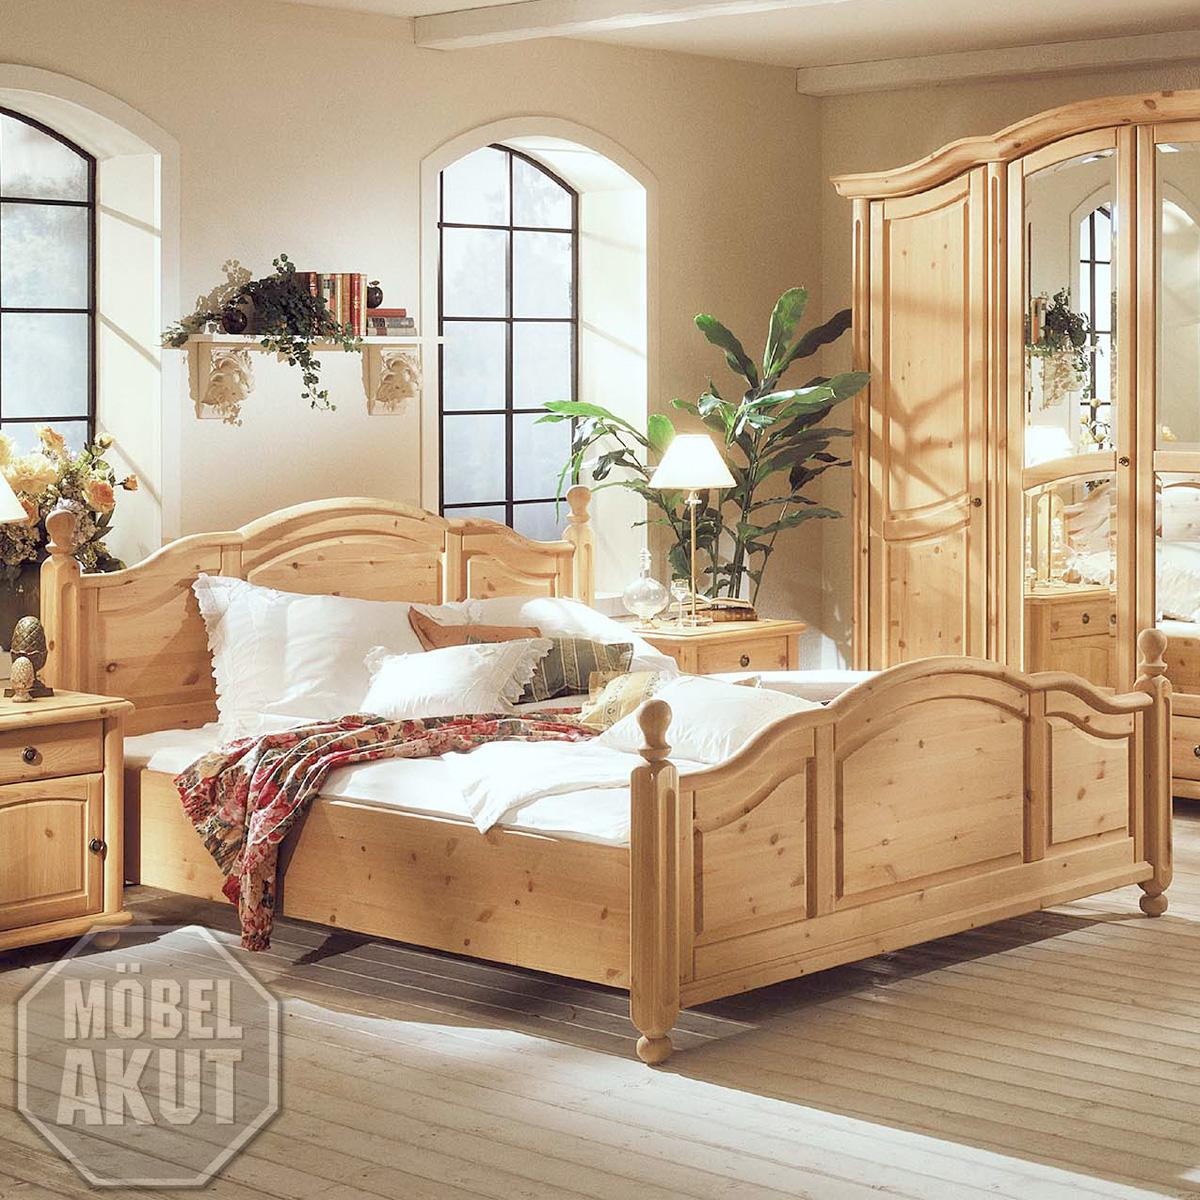 Schlafzimmer bett 200x200: betten mit komforthöhe große auswahl ...